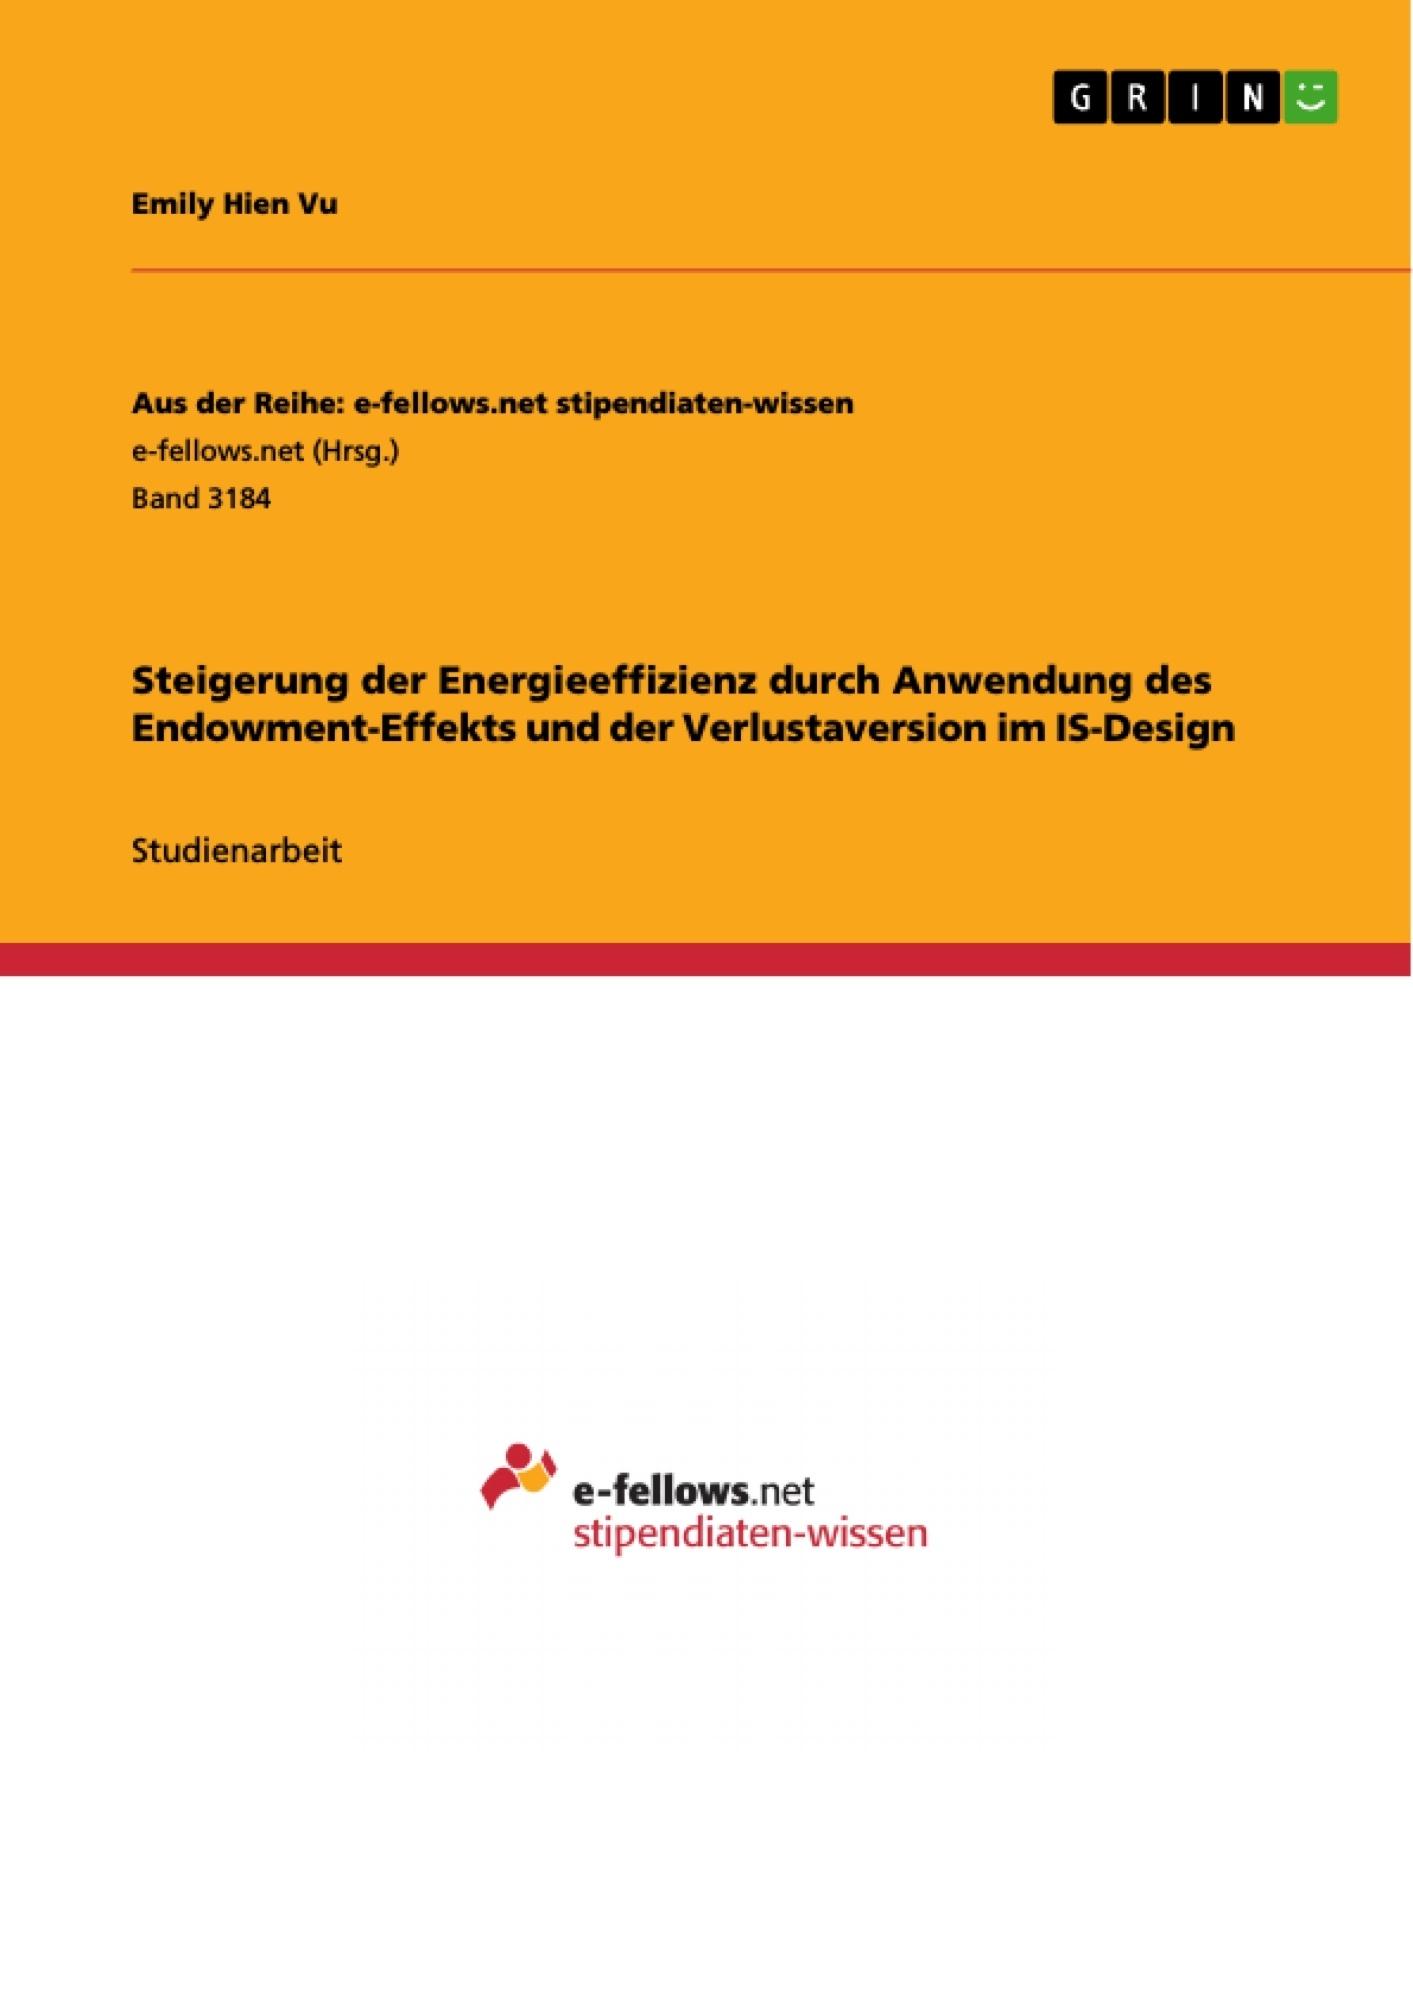 Titel: Steigerung der Energieeffizienz durch Anwendung des Endowment-Effekts und der Verlustaversion im IS-Design